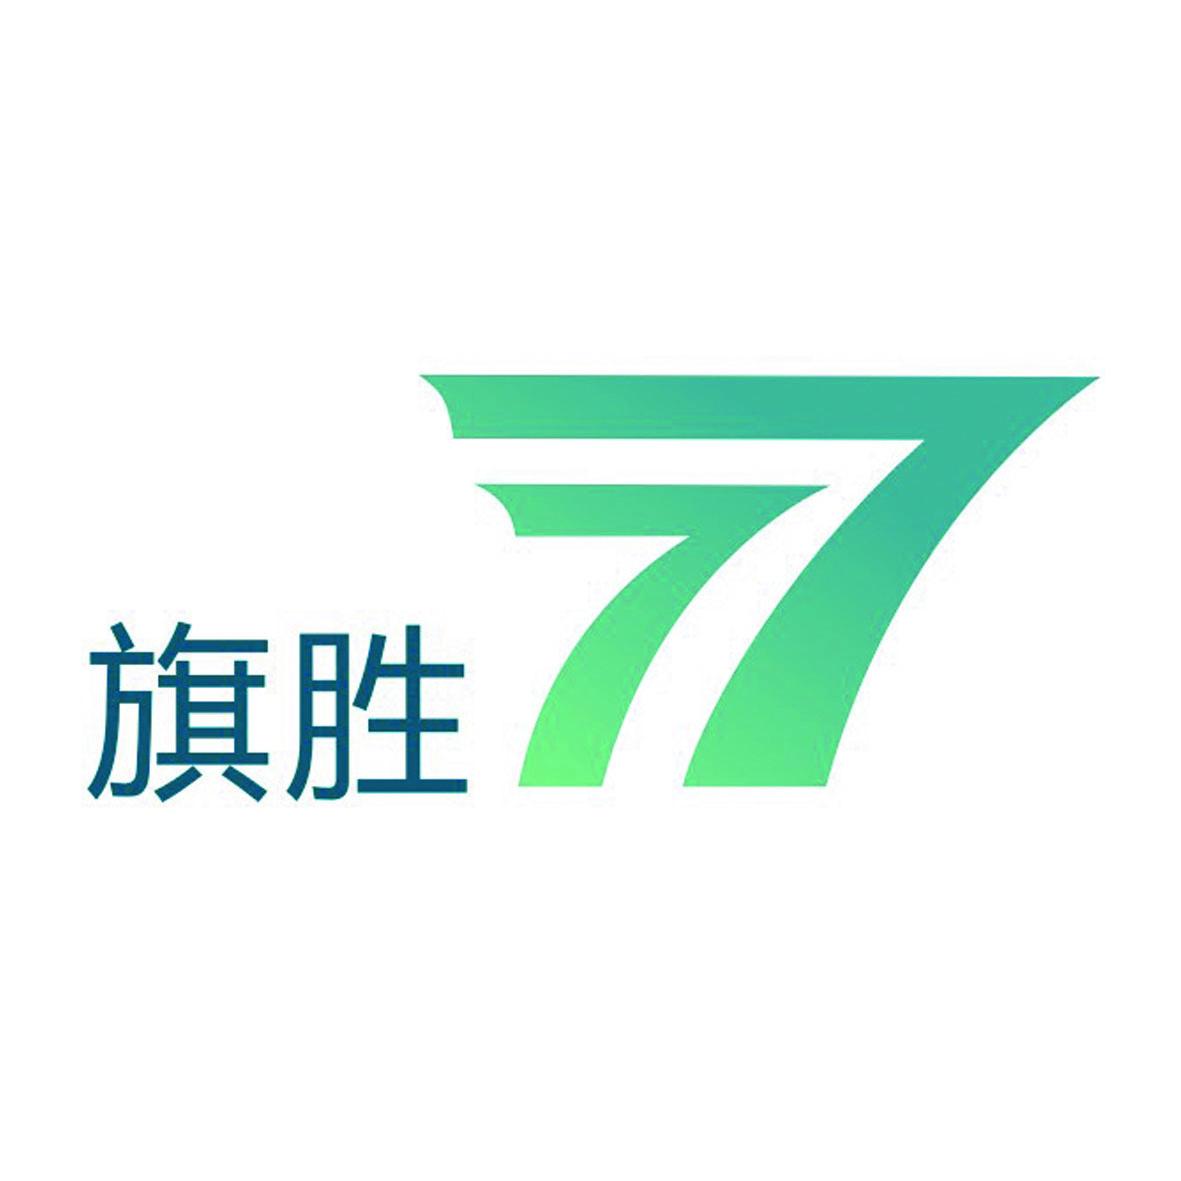 重庆旗胜办公用品有限公司